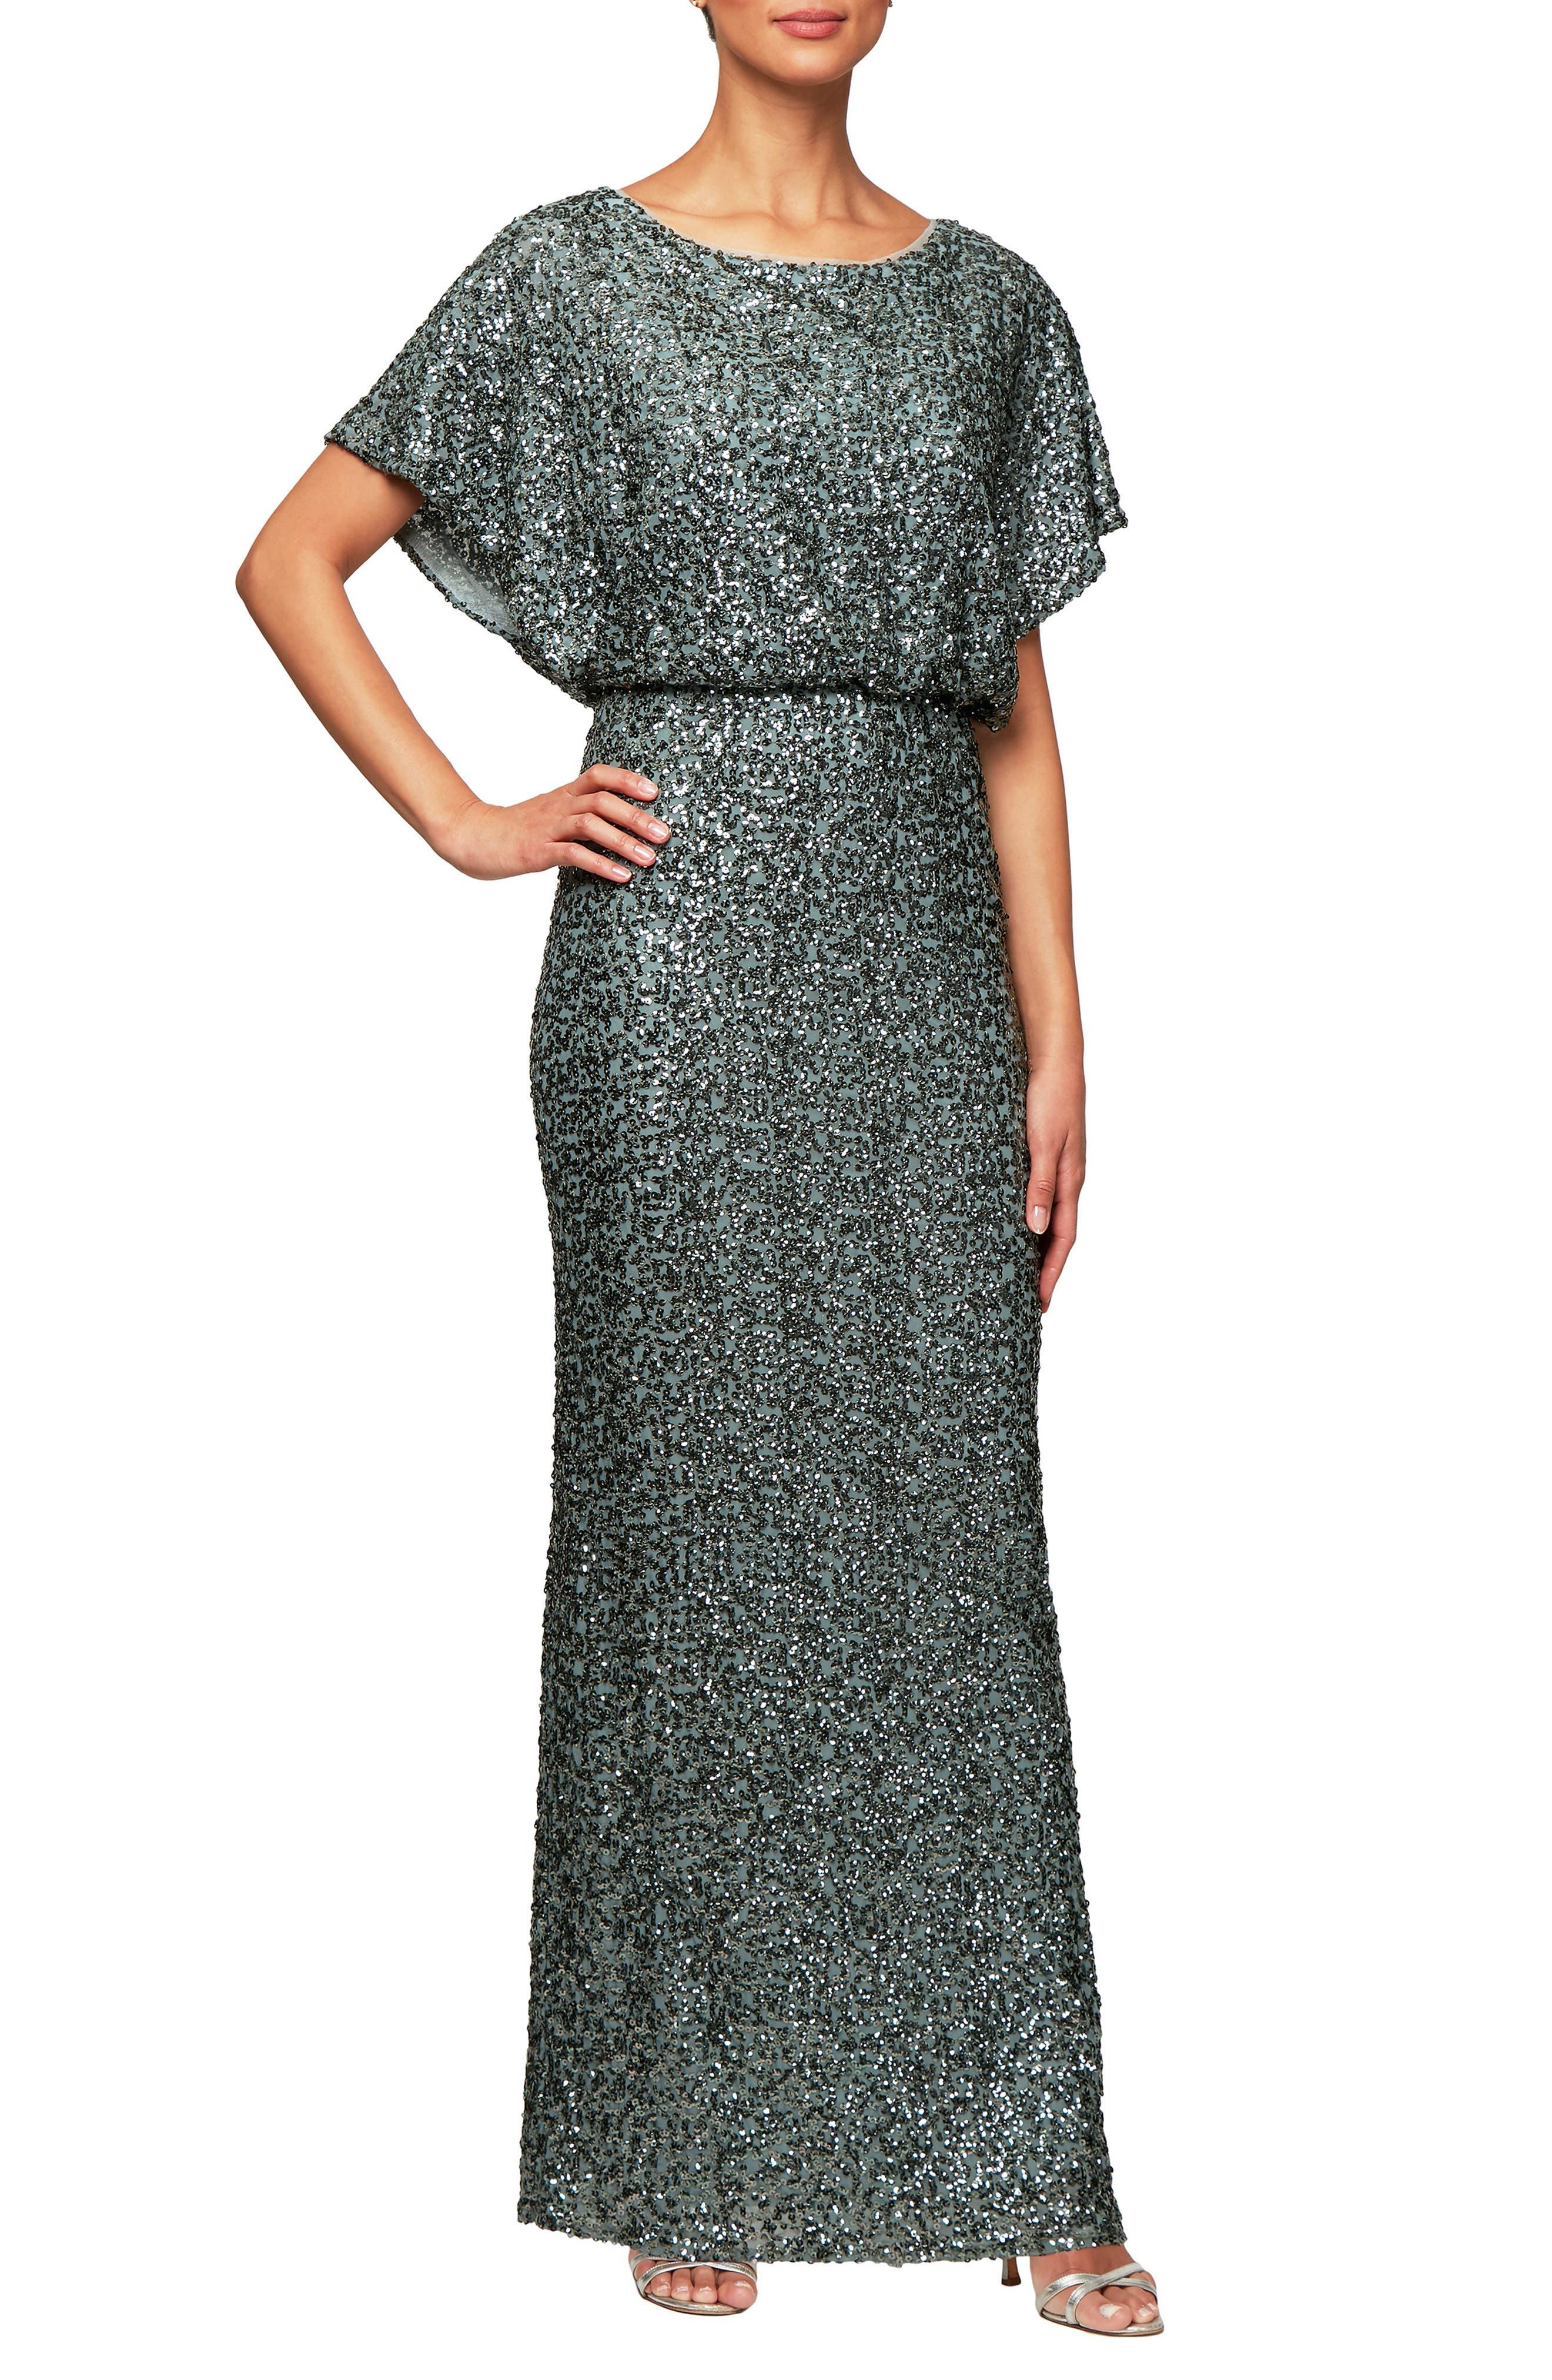 Alex Evenings Sequin Blouson Evening Dress, Green